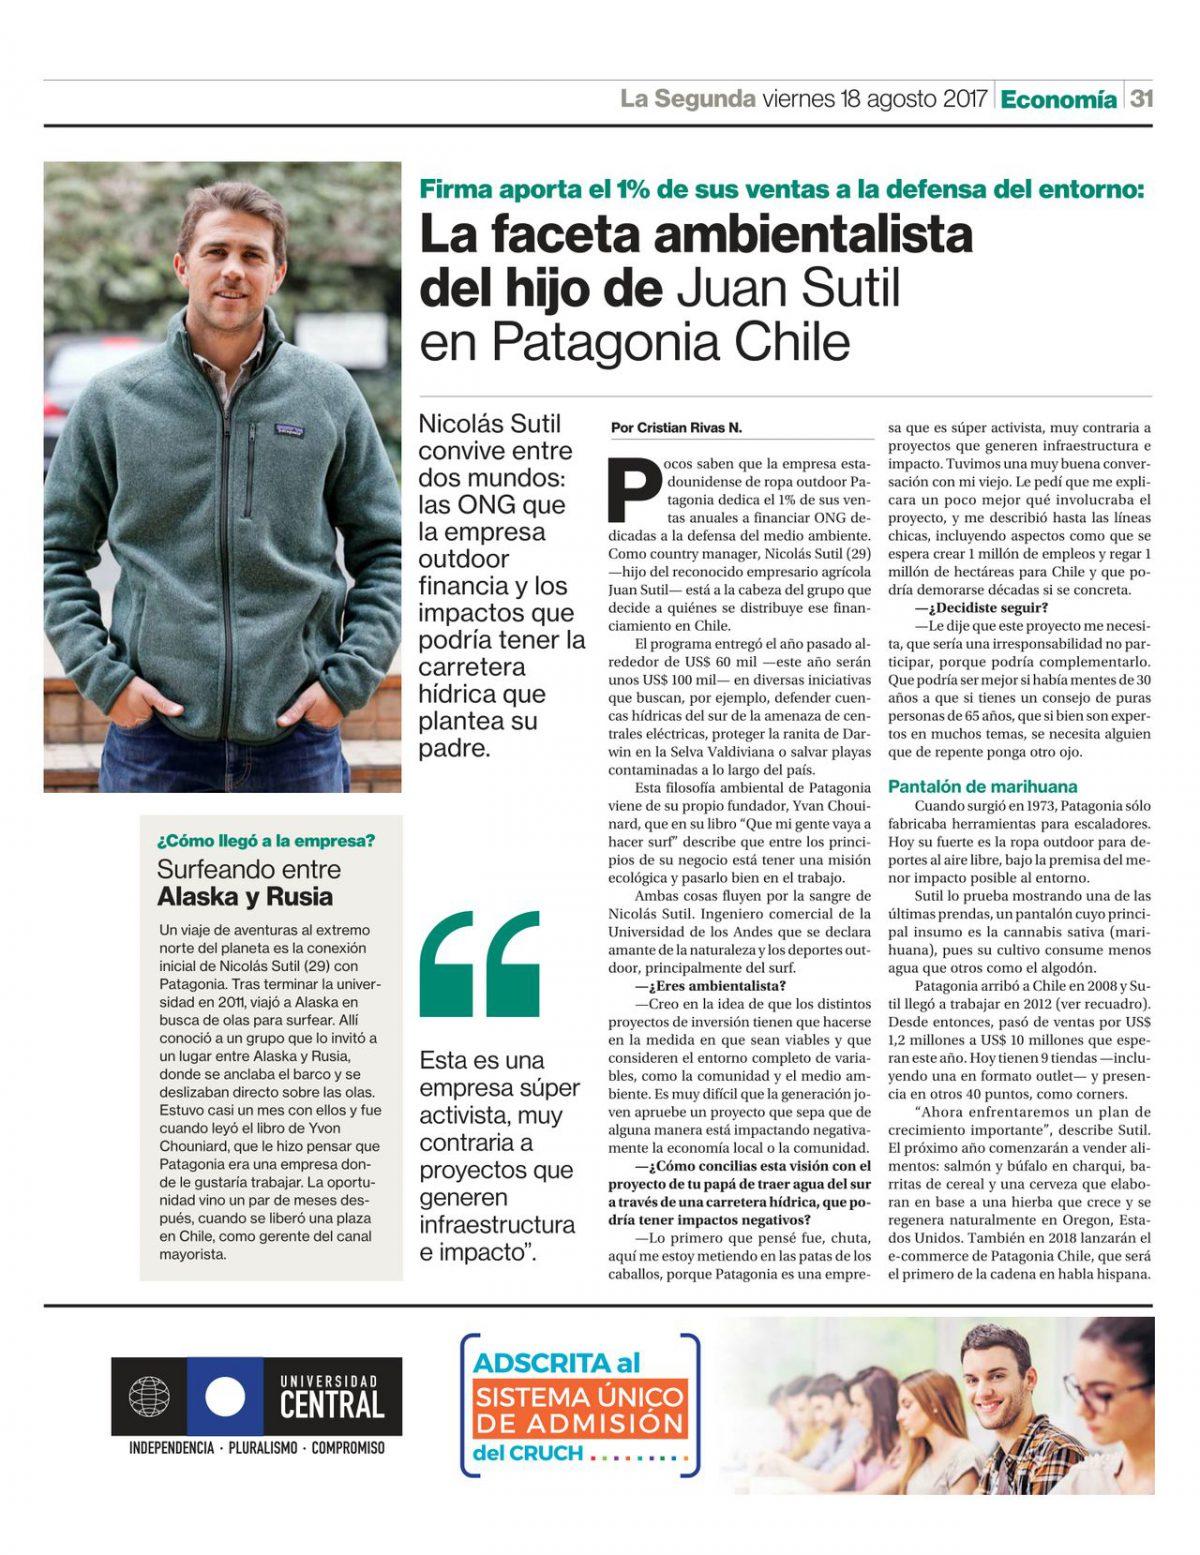 La faceta ambientalista del hijo de Juan Sutil en Patagonia Chile